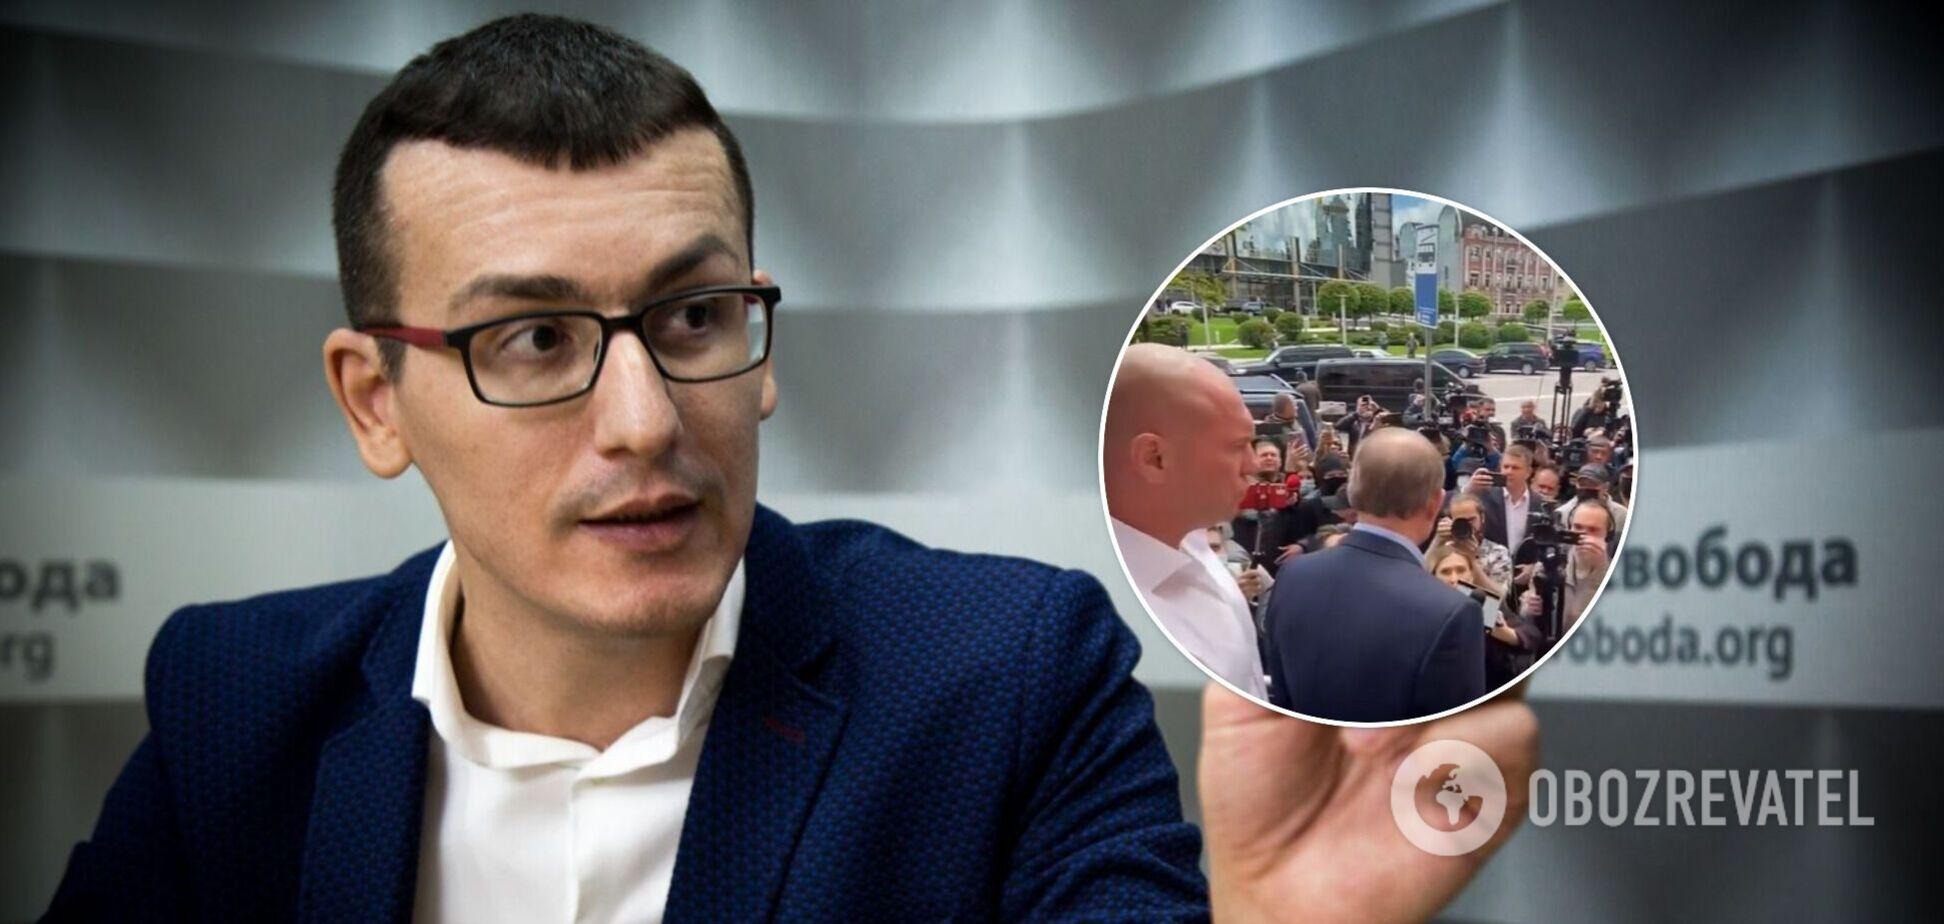 Правоохоронці мають розслідувати агресію проти журналістів у Печерському суді– НСЖУ